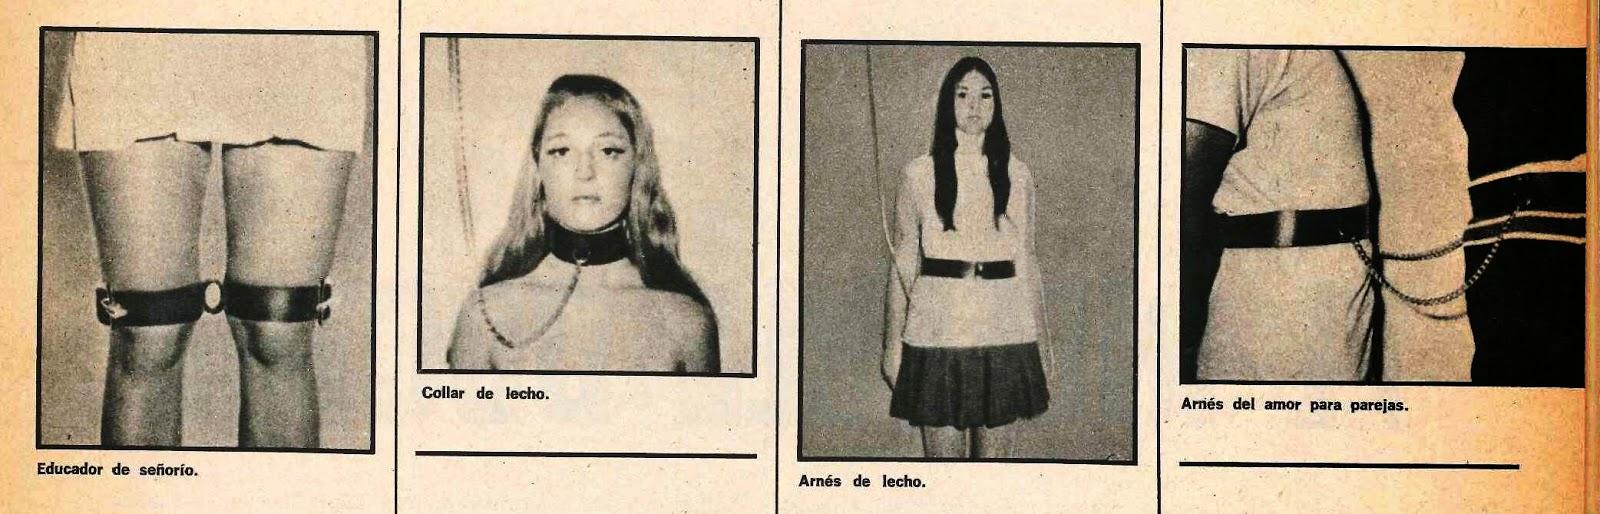 catalogo de aticulos bdsm vintage 1972